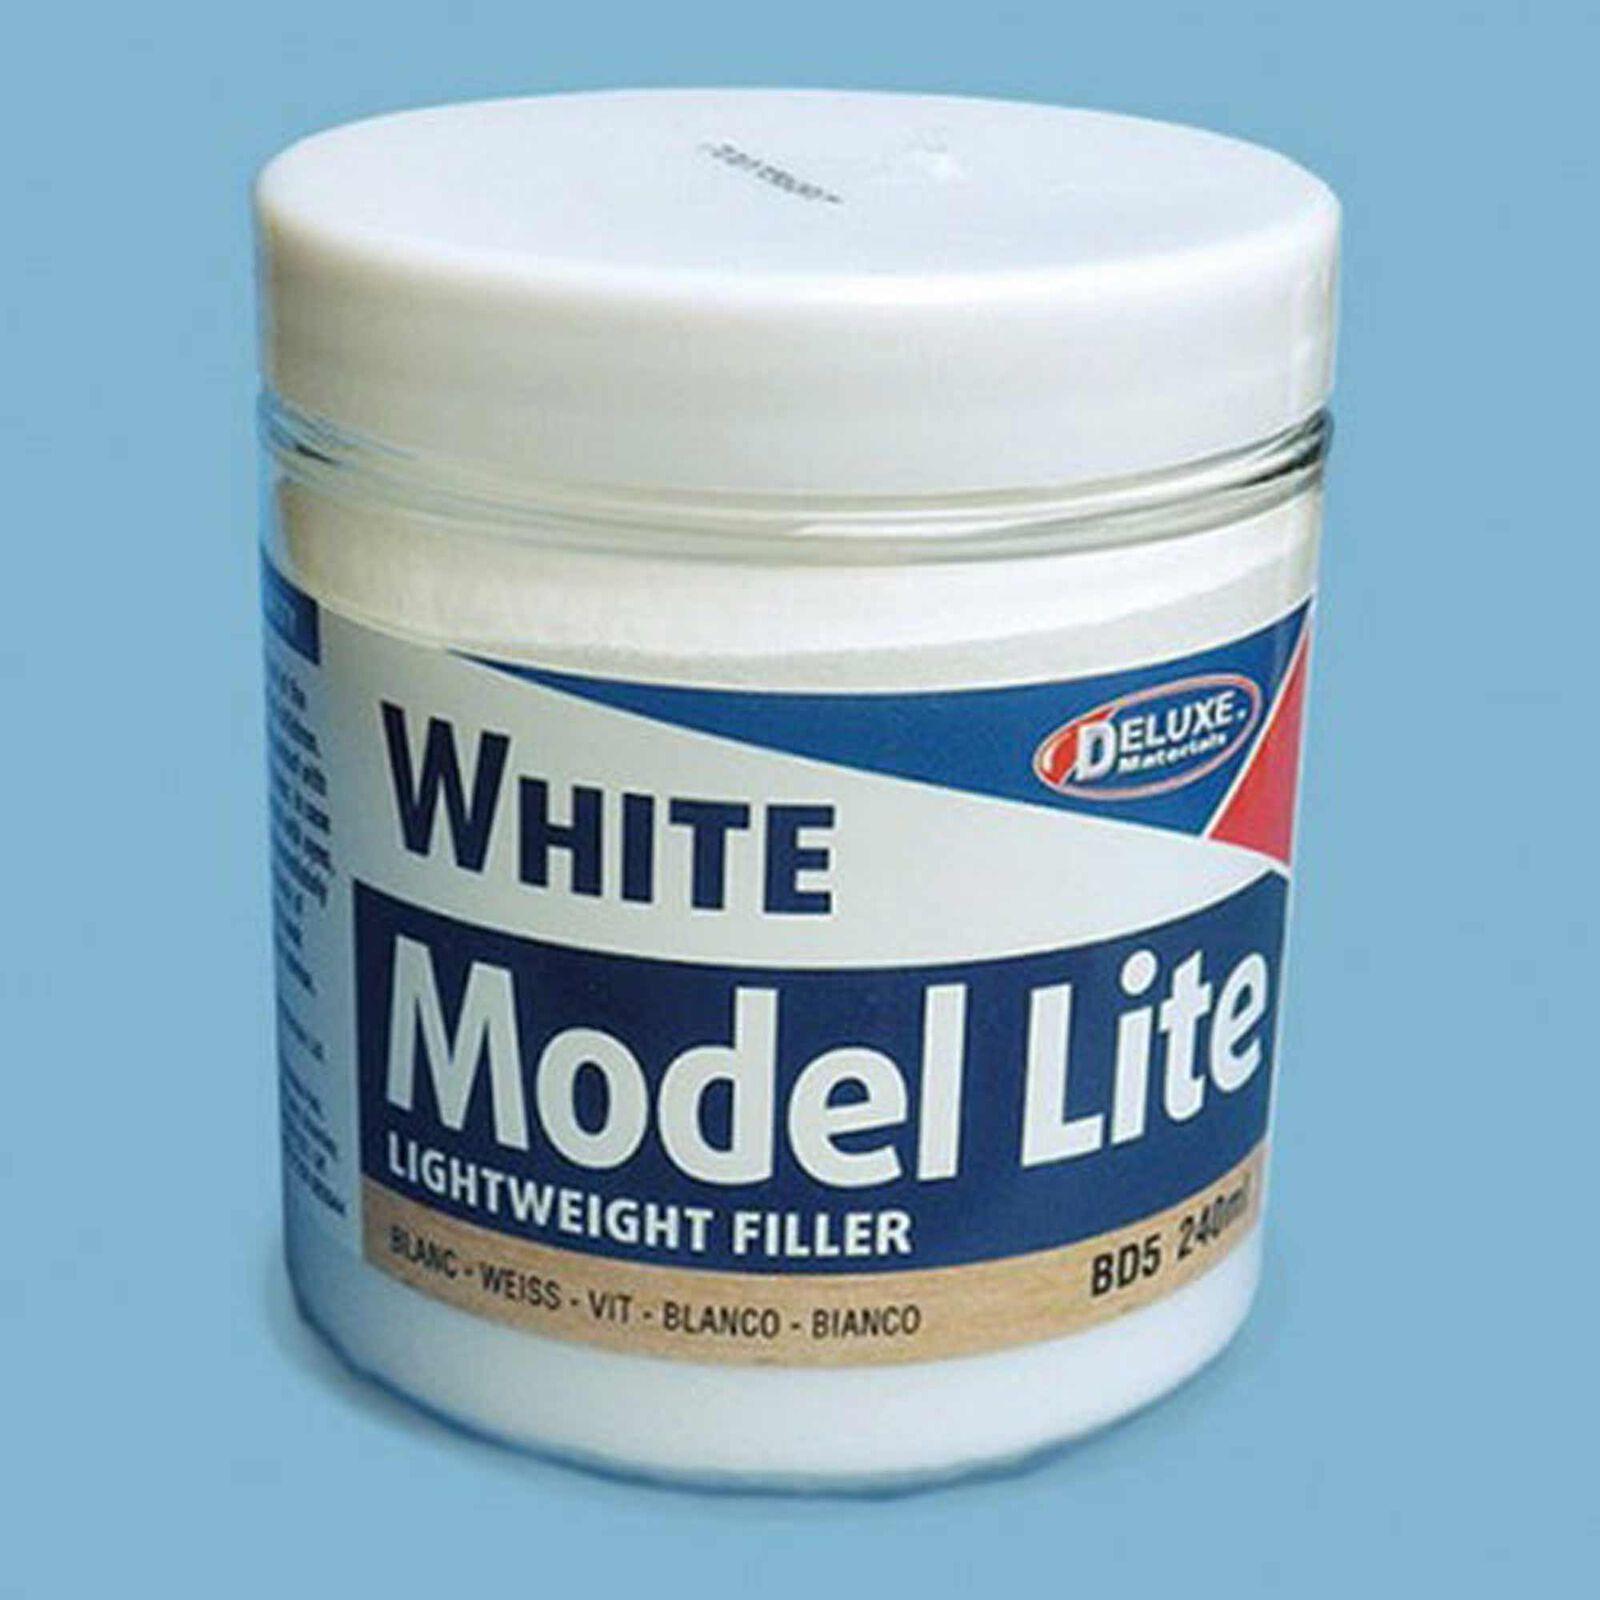 Model Lite Balsa Filler, White: 240cc